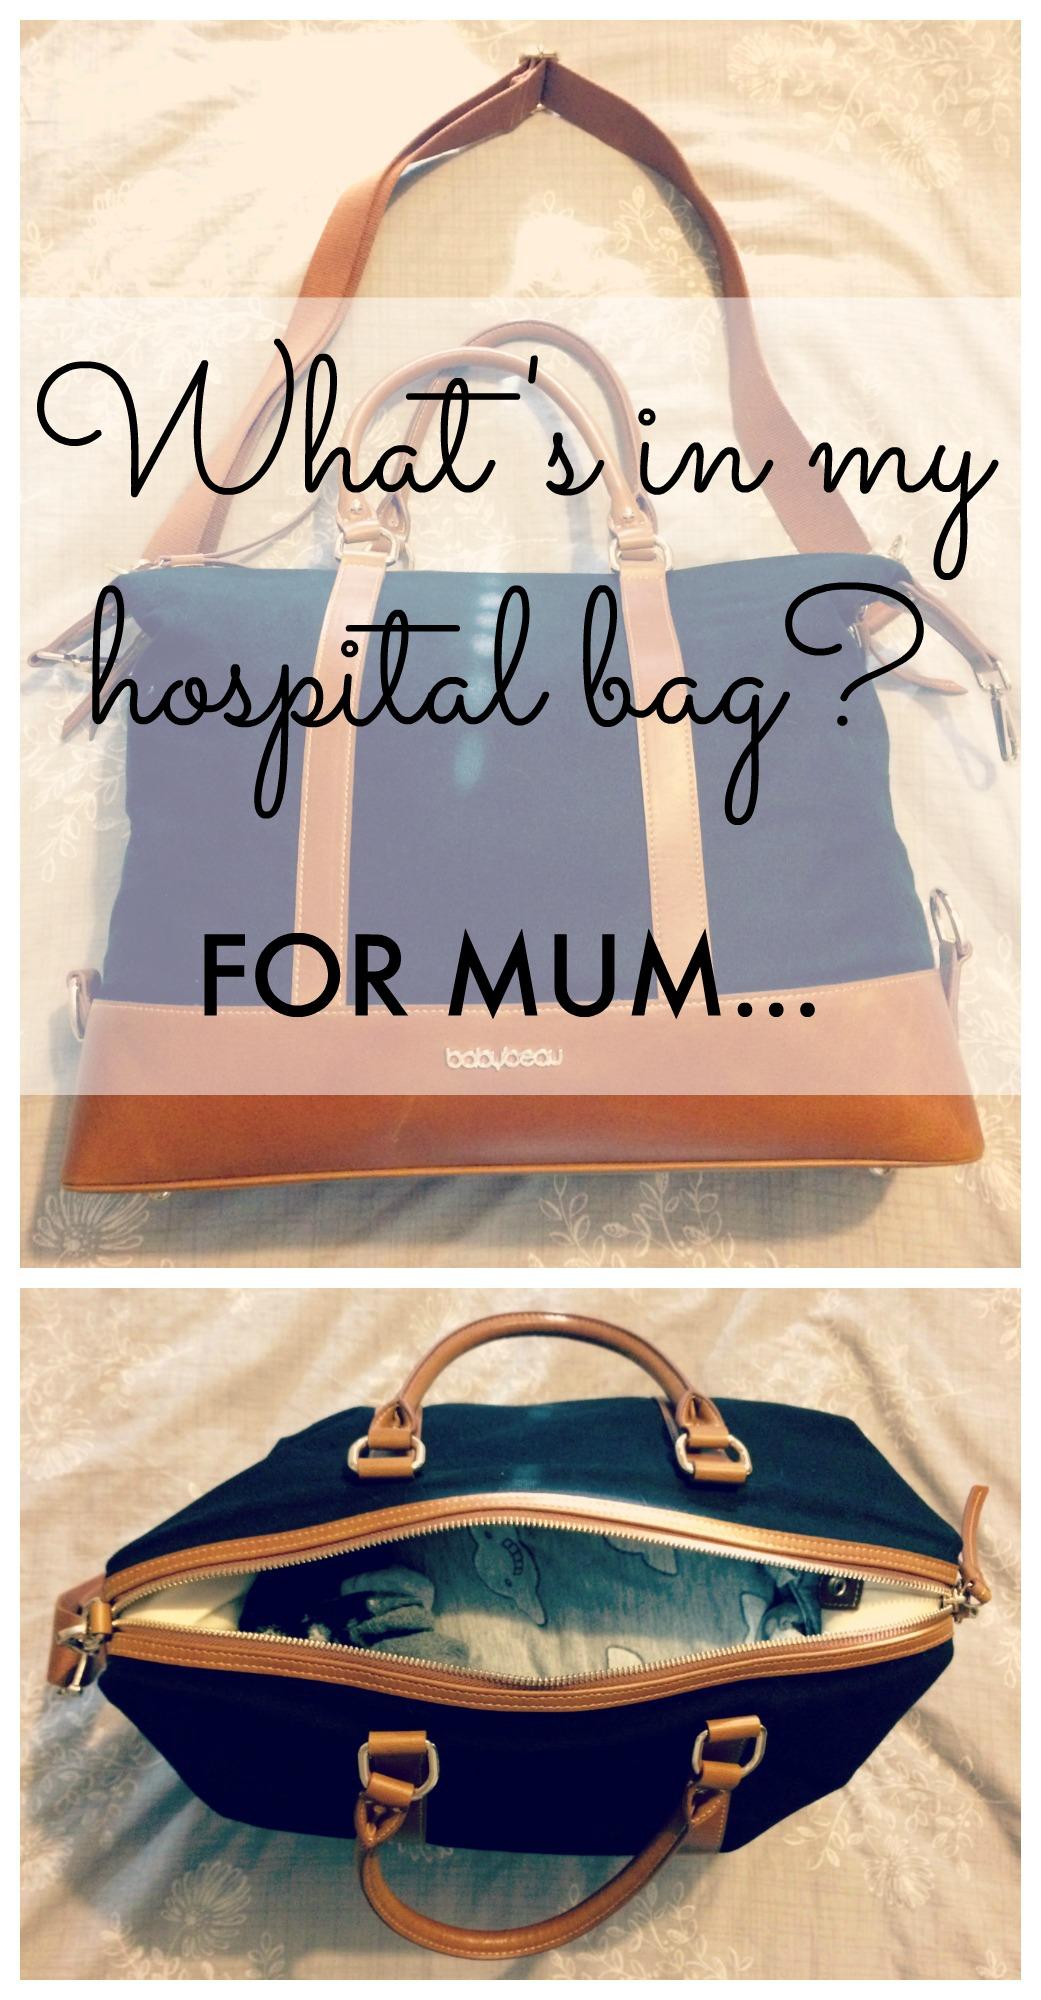 hospital bag mum